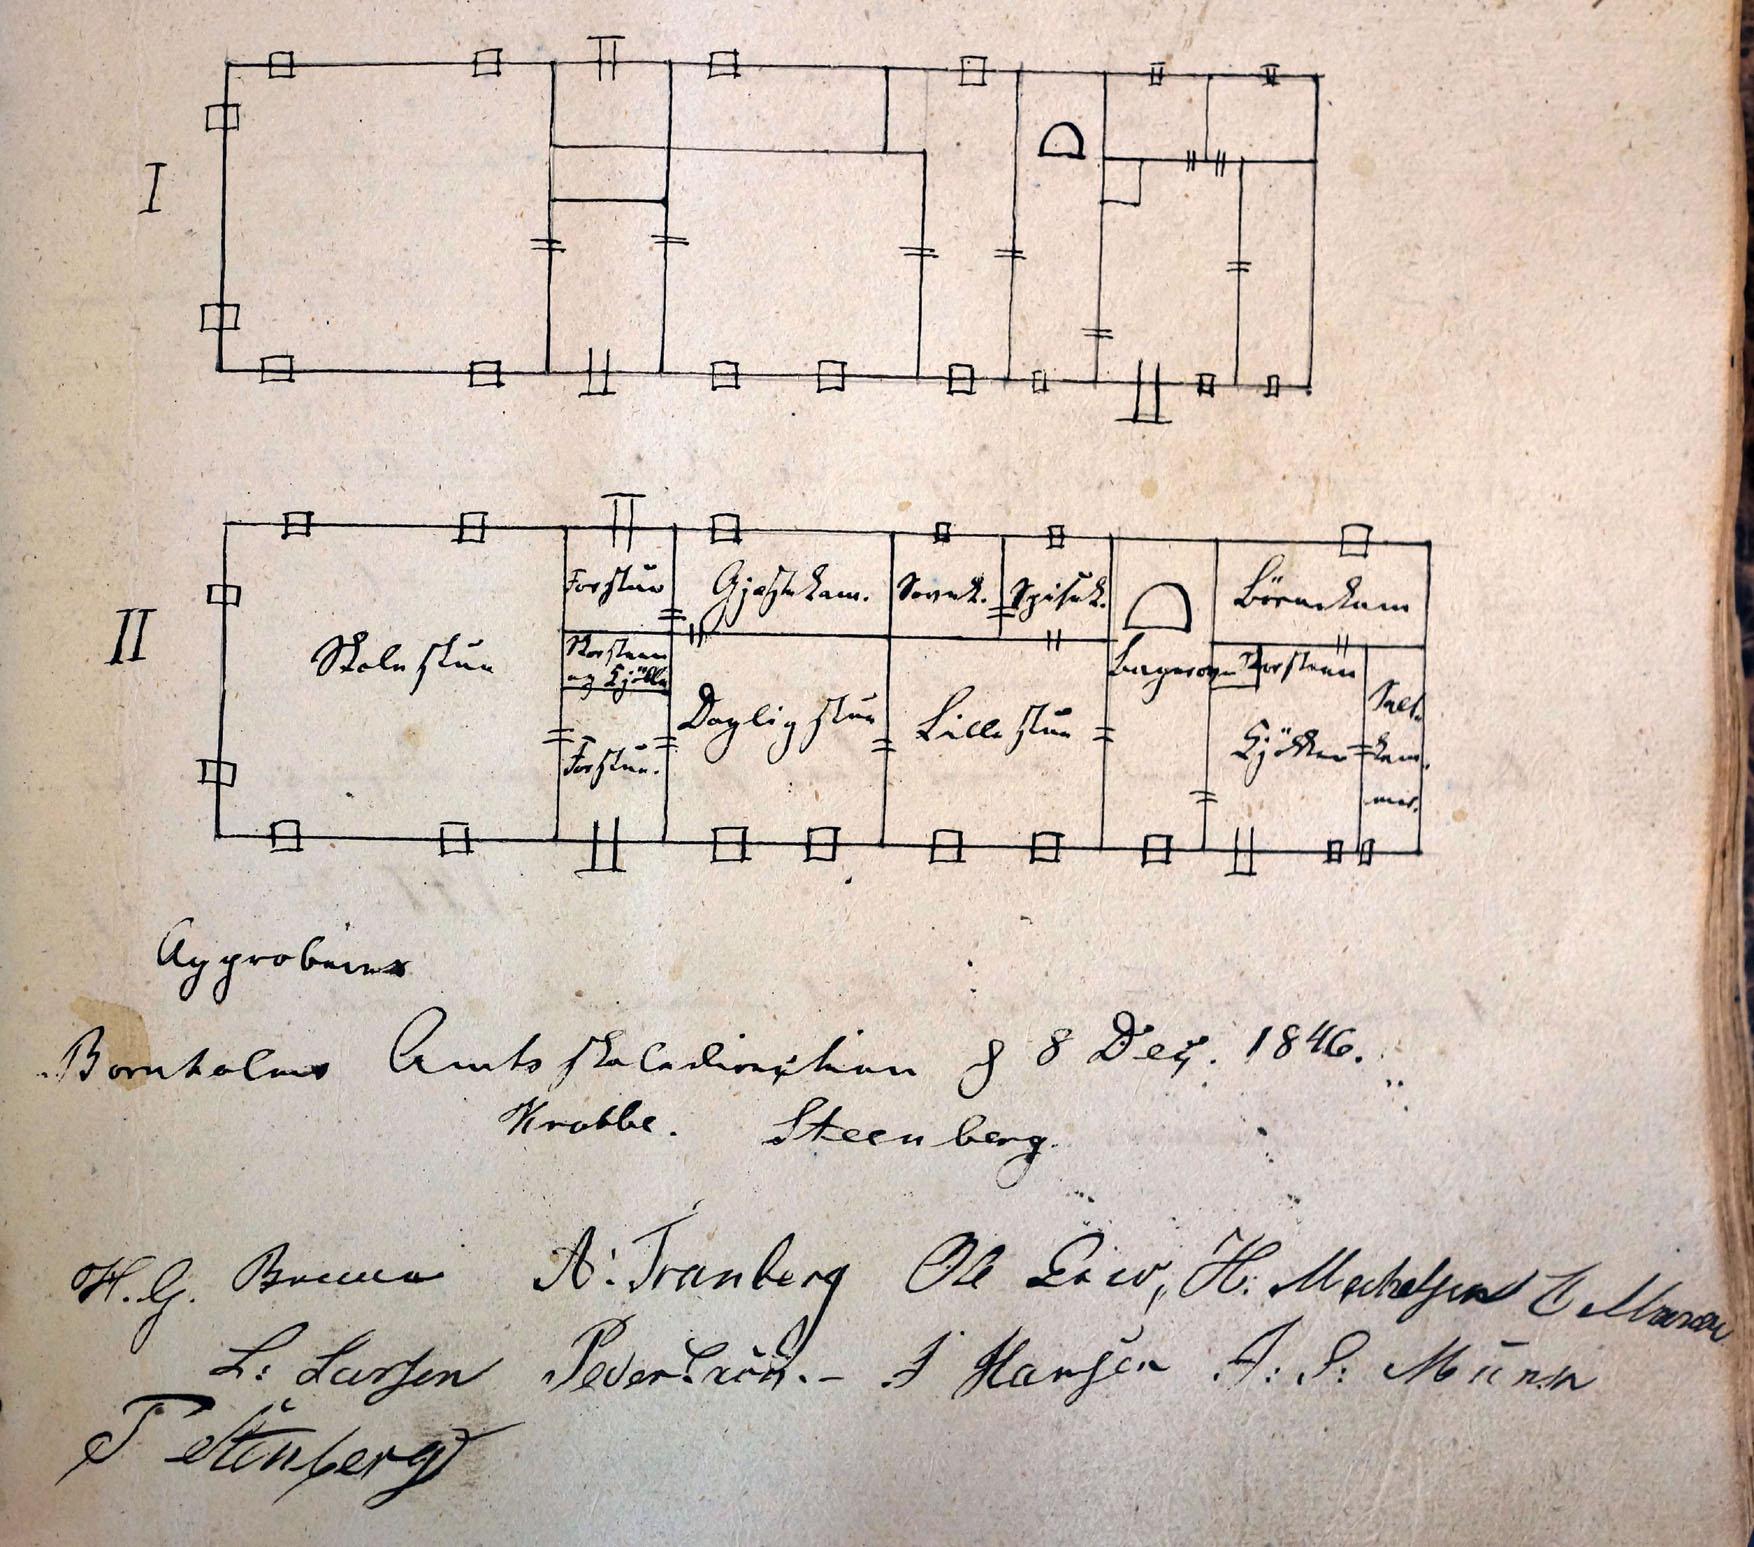 1846ombygningsplan for Østerlars skole